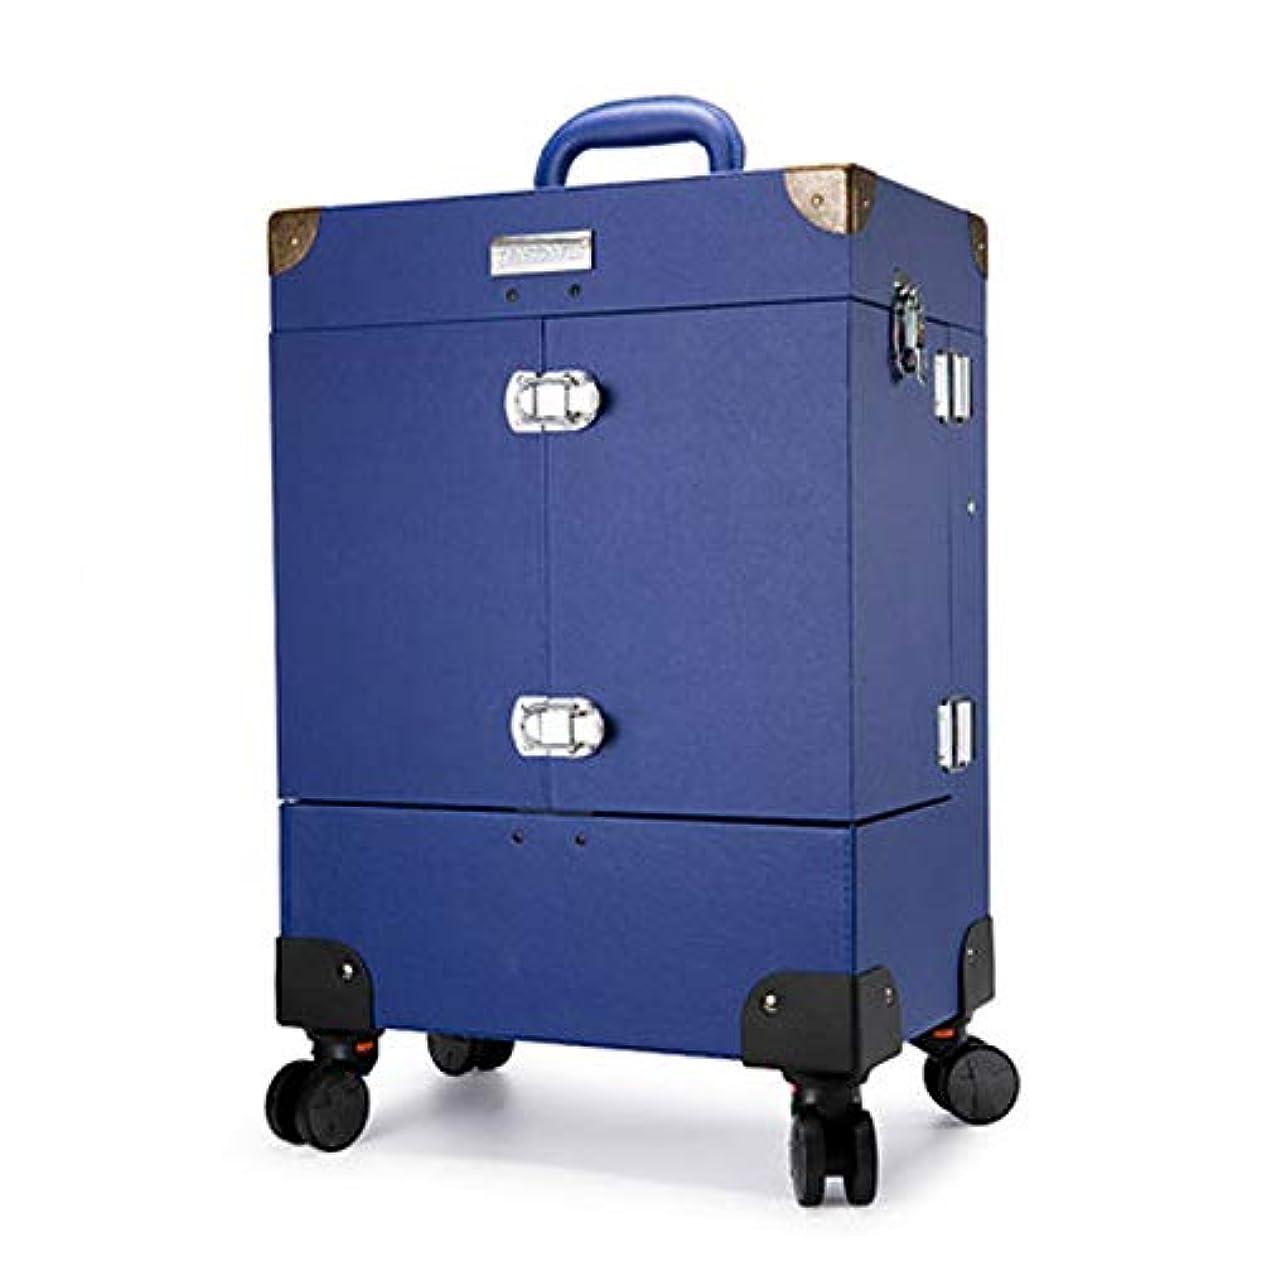 クロス避難する喜んでプロ専用 ネイリスト クローゼット スーツケース ネイル収納 メイクボックス キャリーバッグ ヘアメイク ネイル 大容量 軽量 高品質 多機能 プロ I-JL-3505T-BL